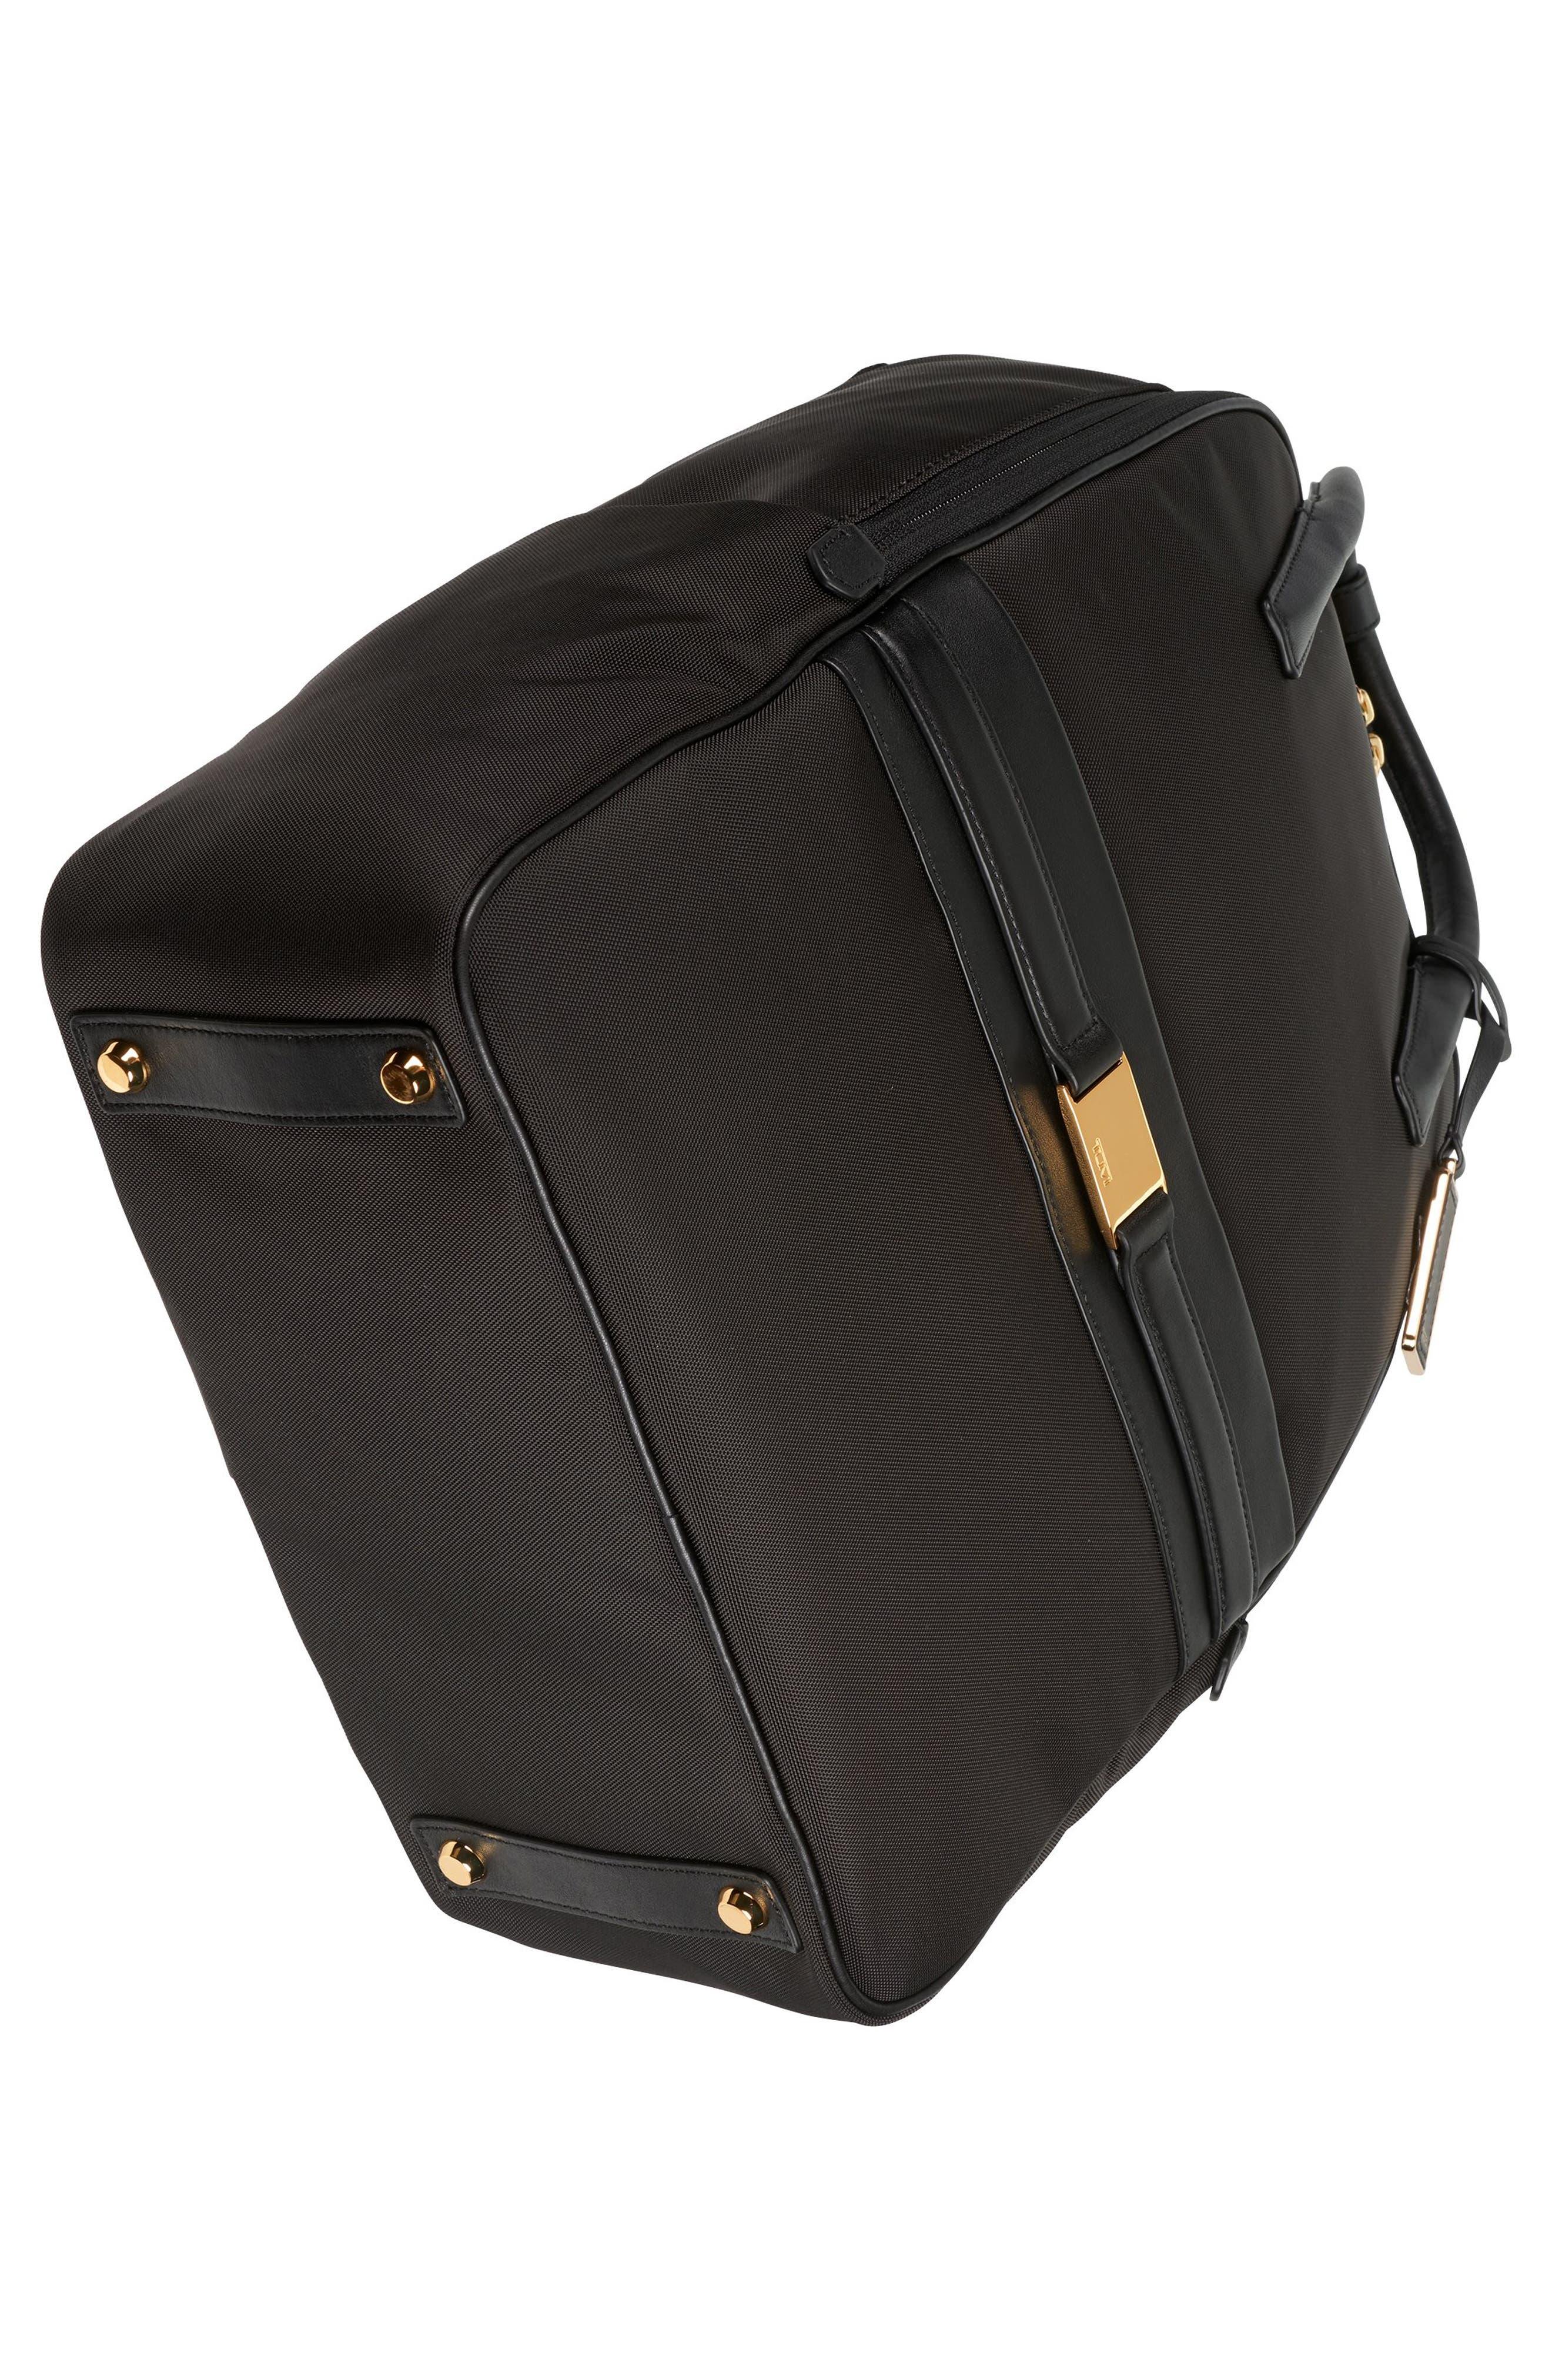 Larkin - Paterson Convertible Nylon Backpack,                             Alternate thumbnail 5, color,                             Black